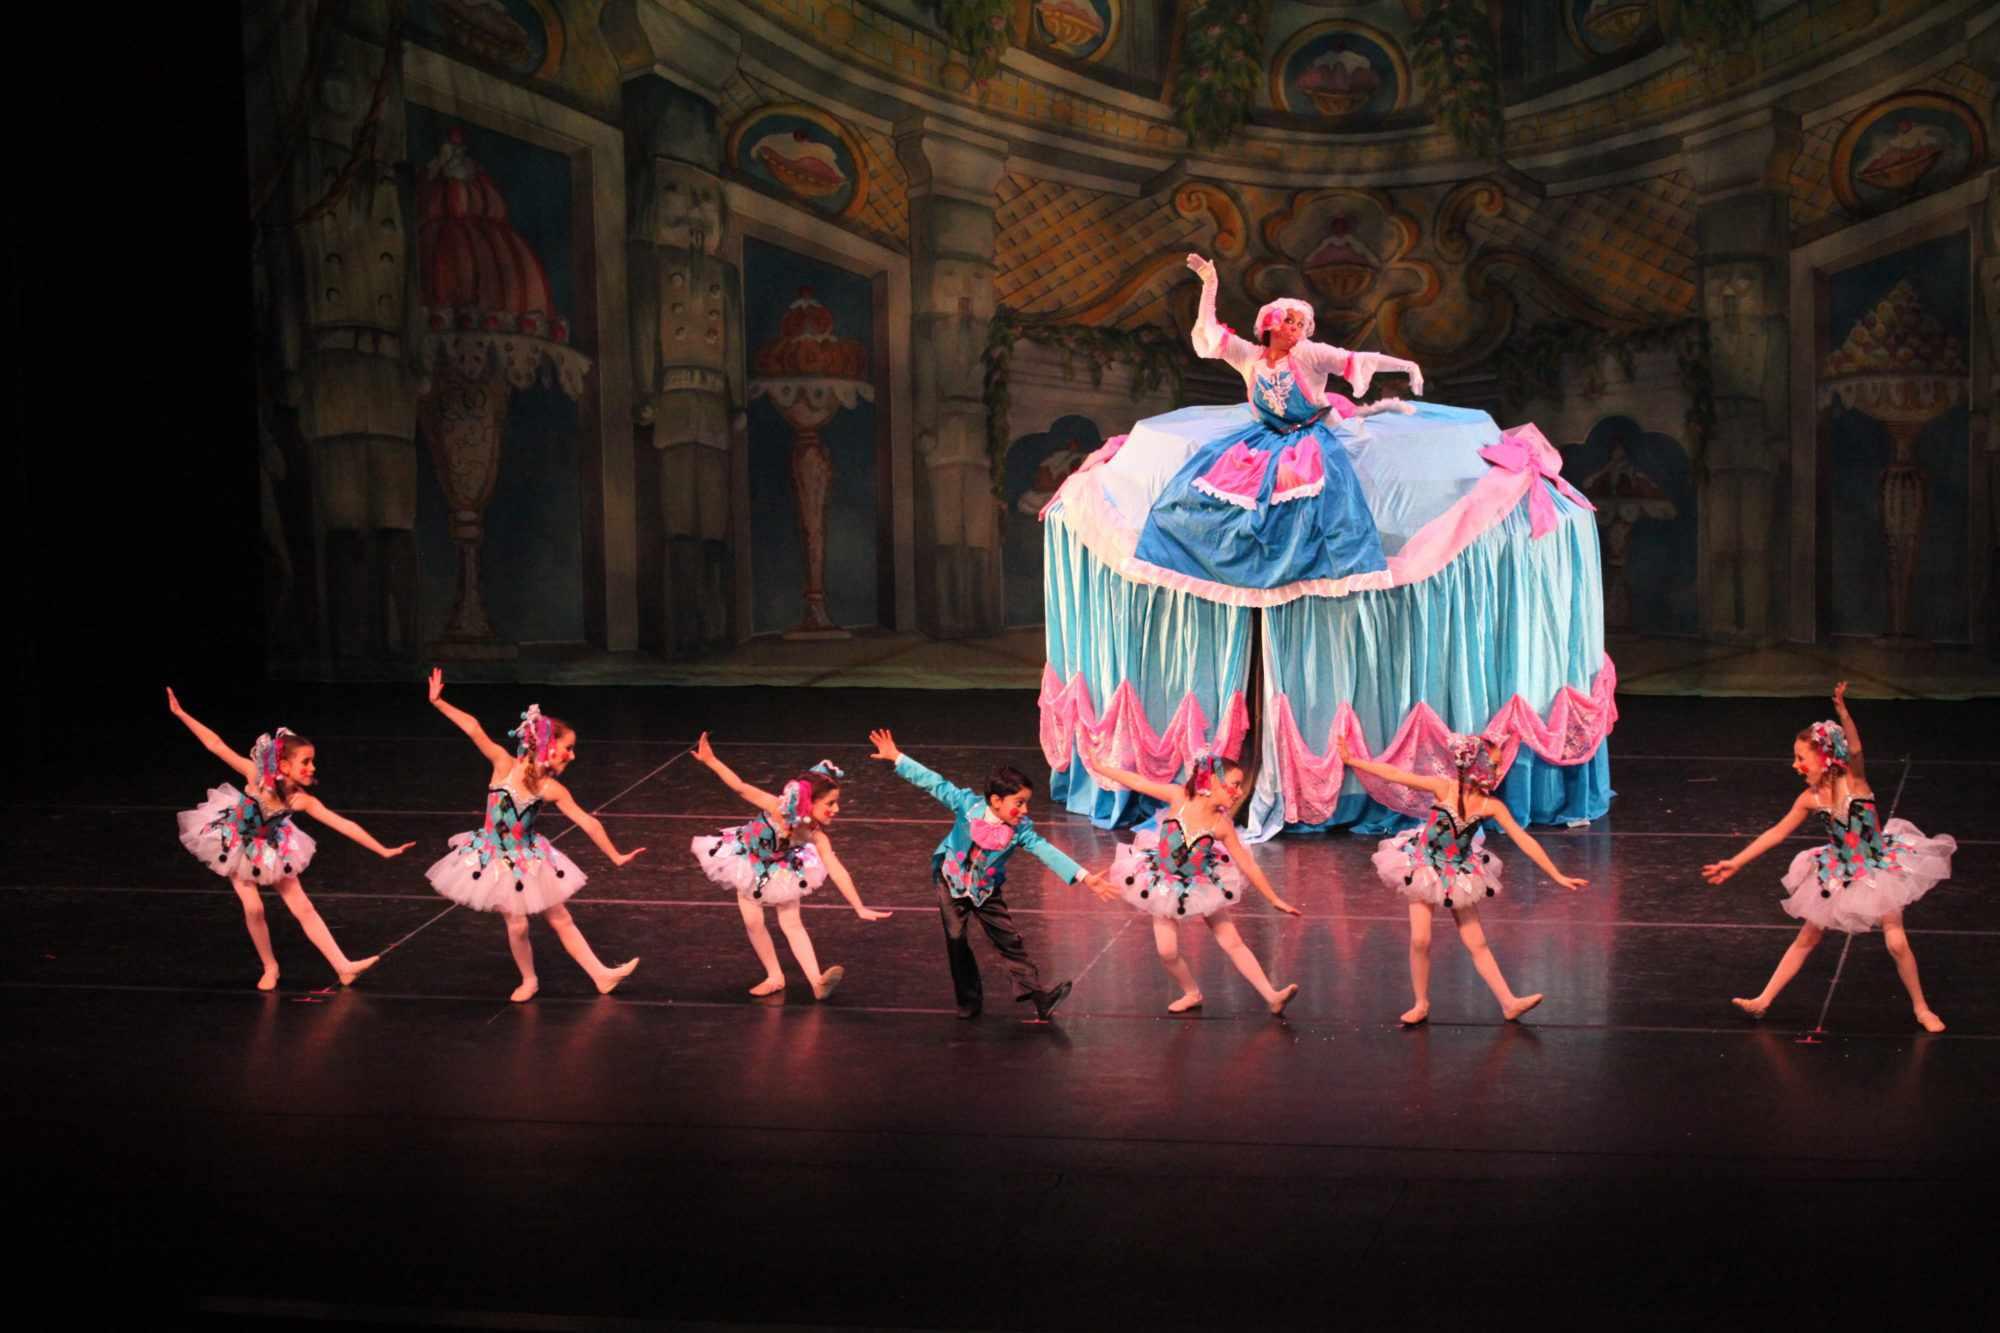 The Nutcracker by Metropolitan Ballet Theatre & Academy